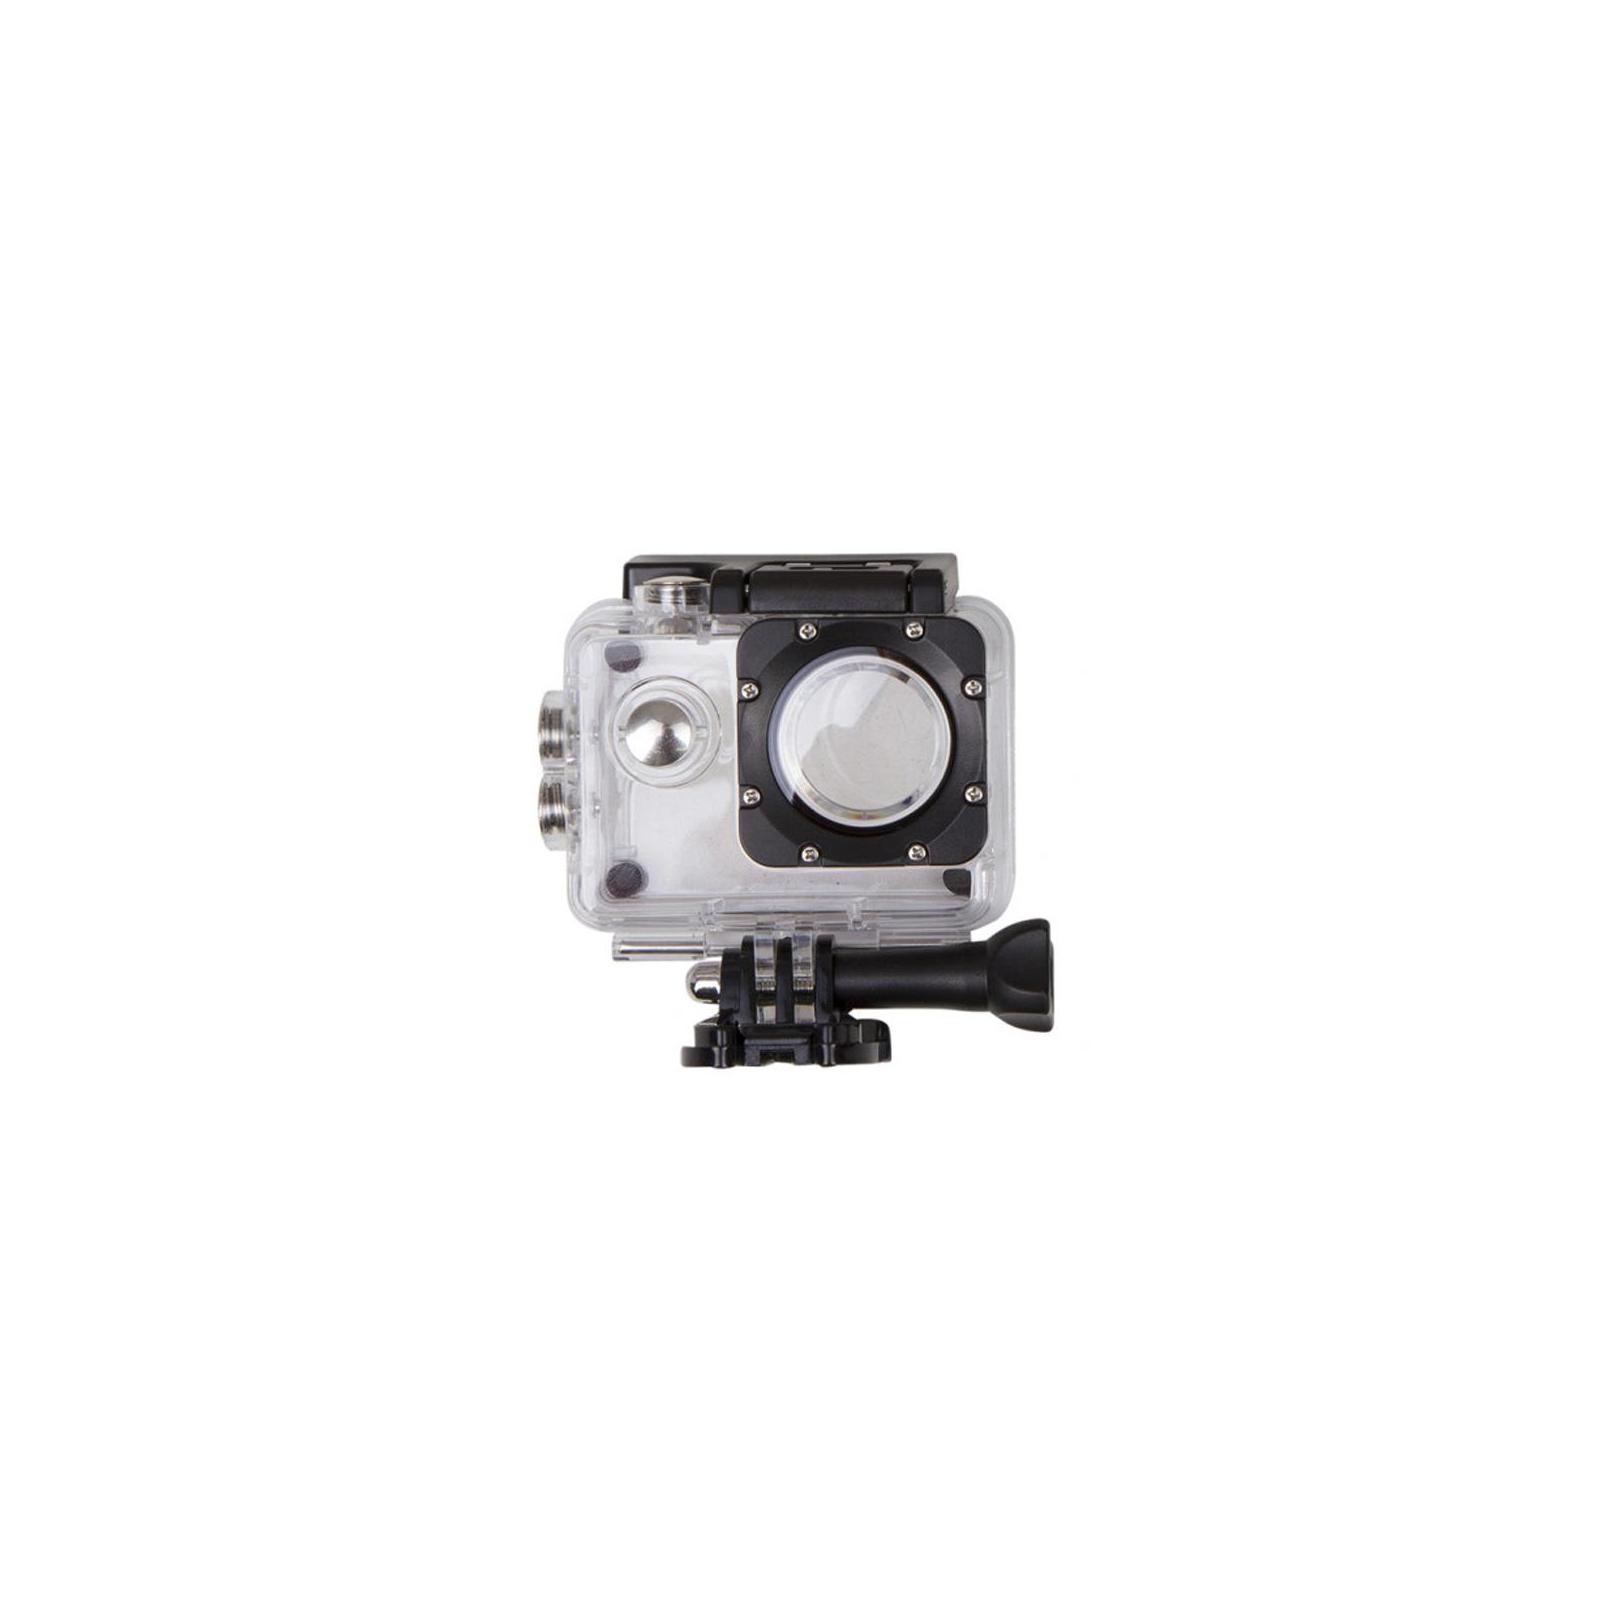 Экшн-камера AirOn Simple Full HD black (4822356754471) изображение 9